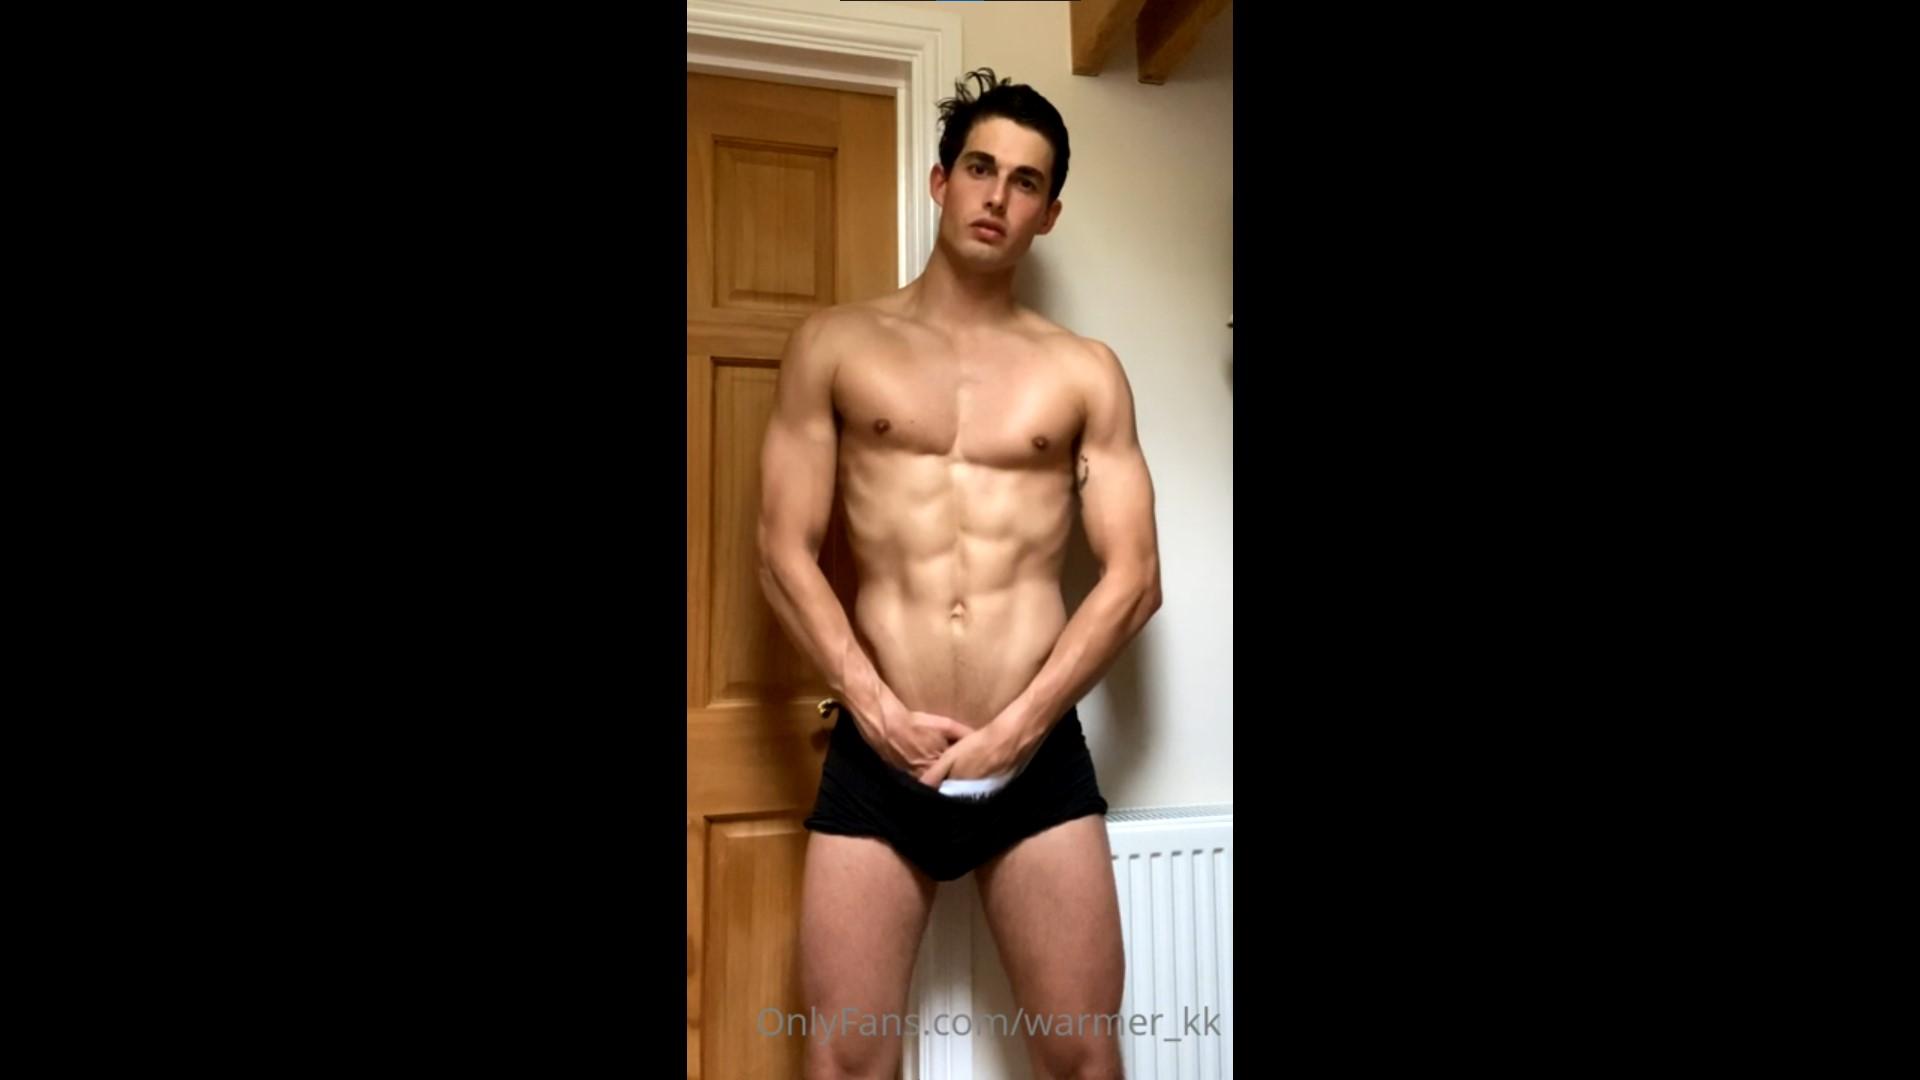 Showing off my body in my underwear - Kieran Warner (warmer_kk)